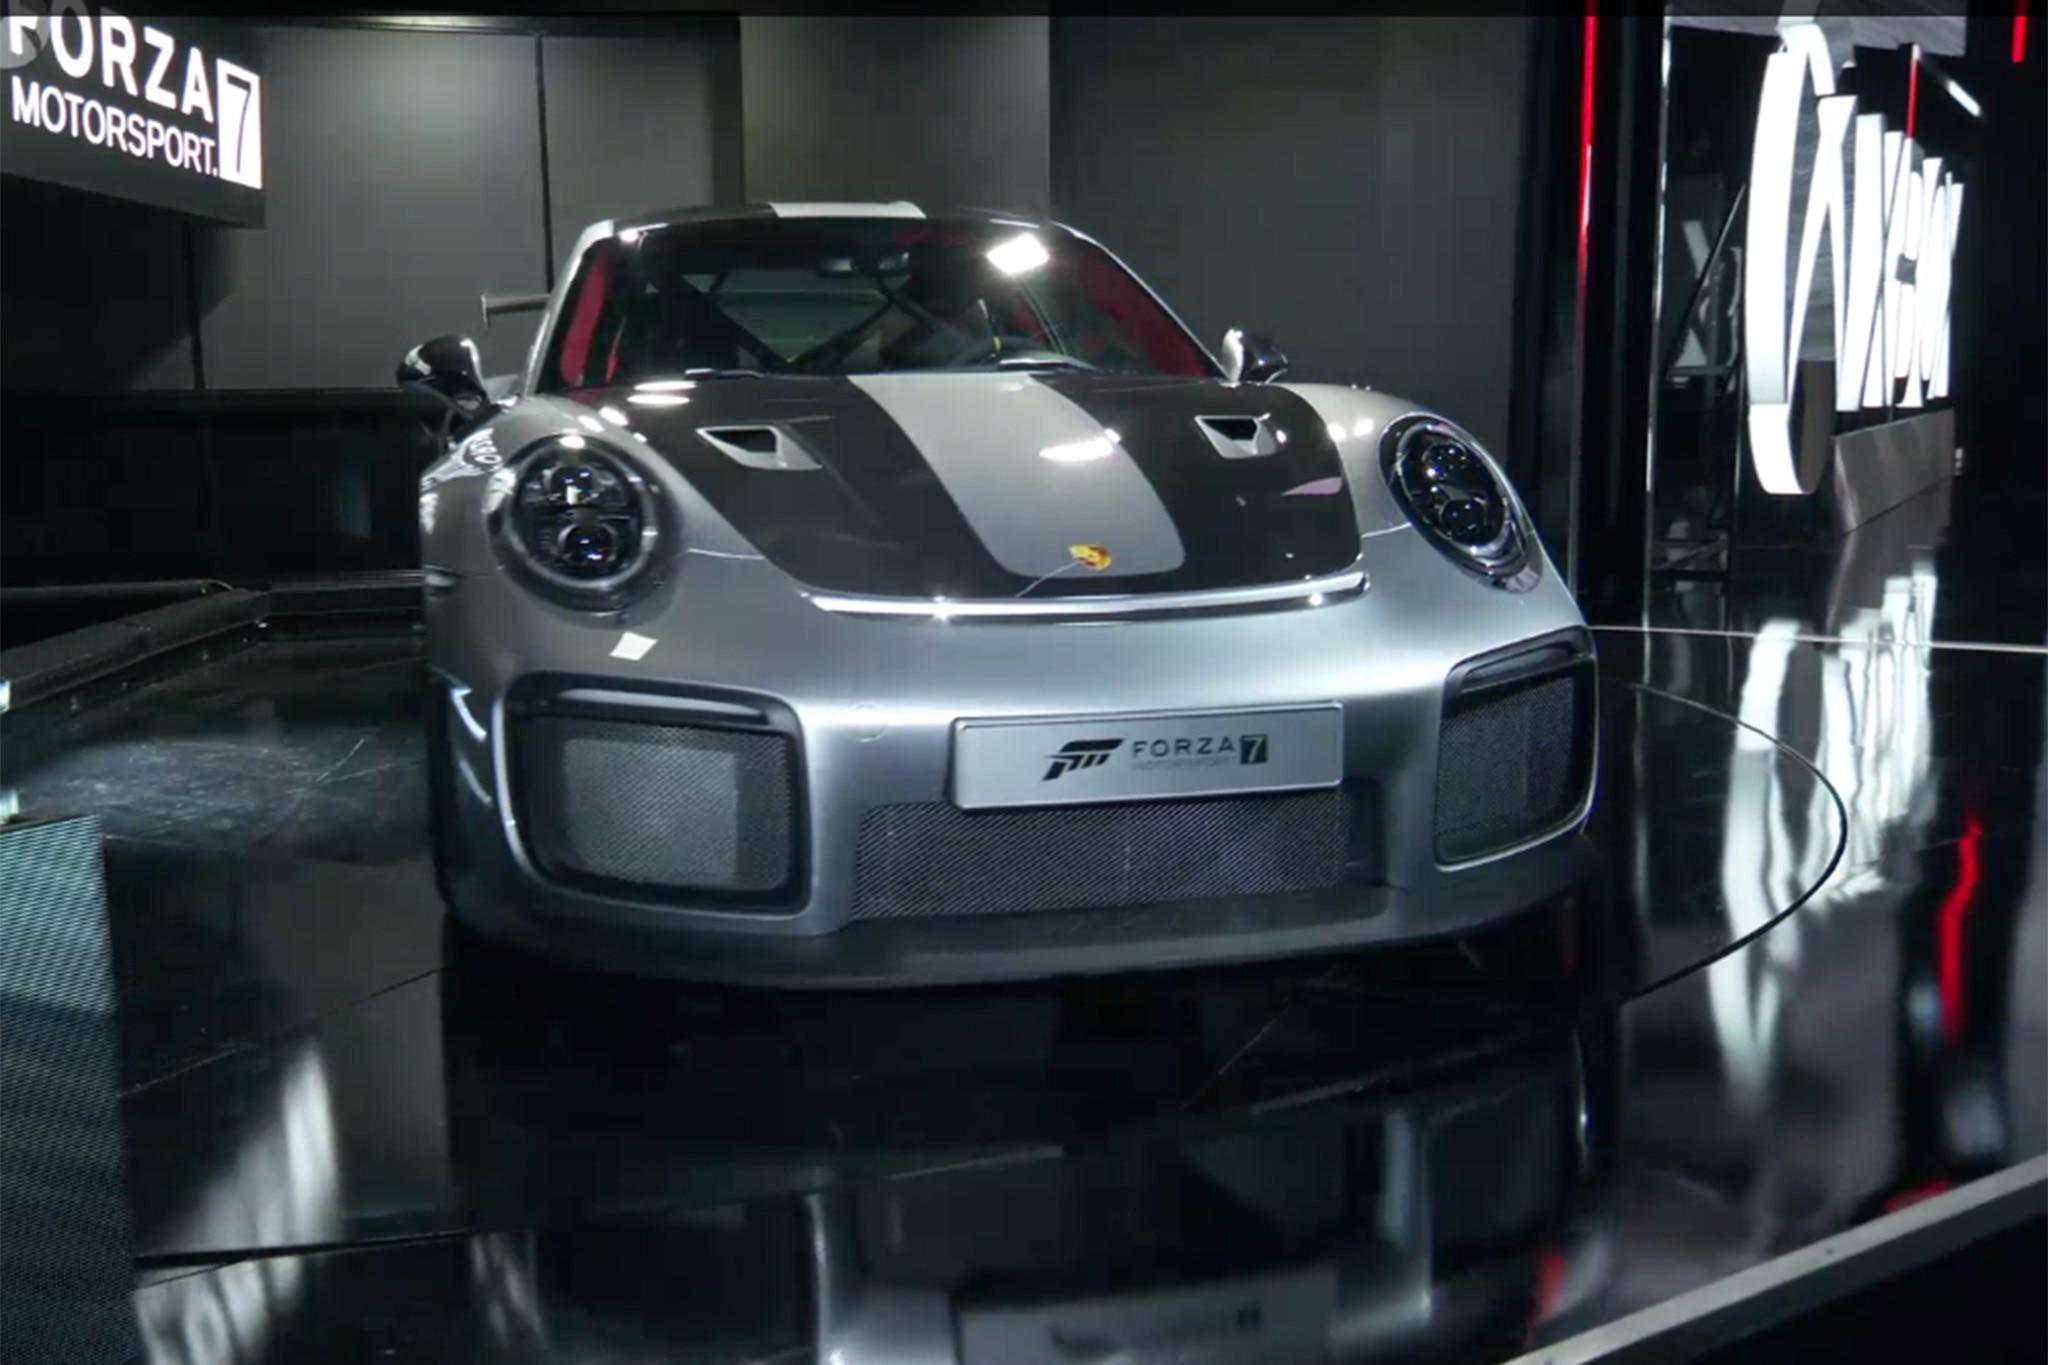 2018-Porsche-911-GT2-RS-E3-Front Remarkable Porsche 911 Gt2 Xbox 360 Cars Trend